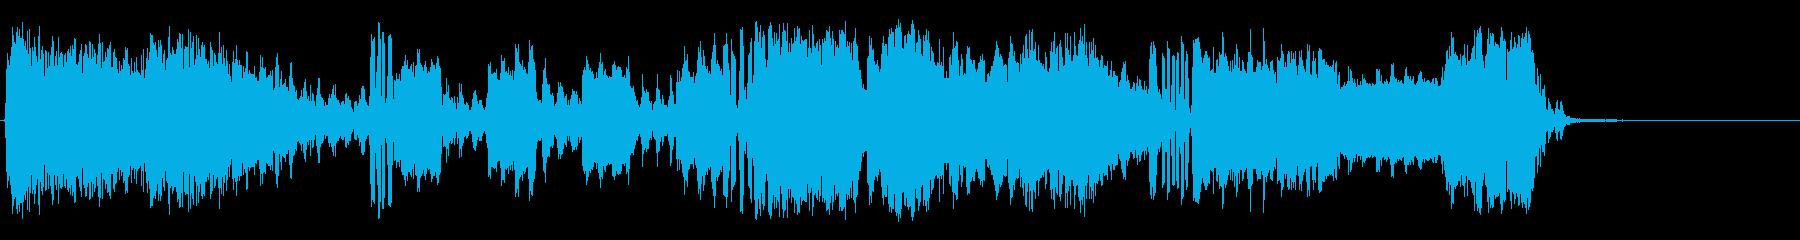 信号操作の再生済みの波形